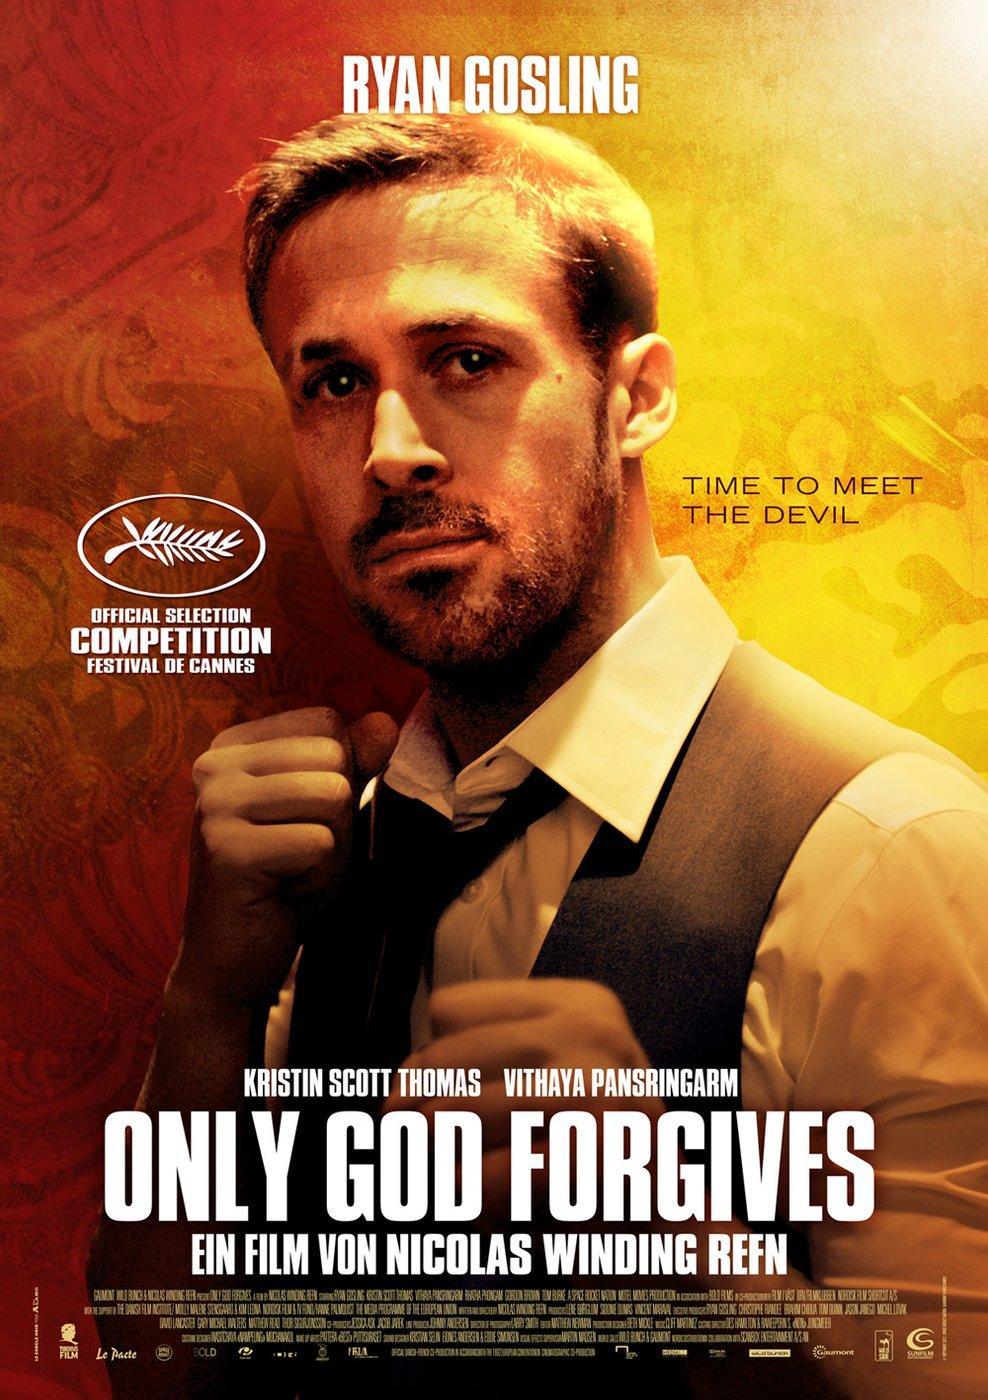 Only God Forgives (Poster)